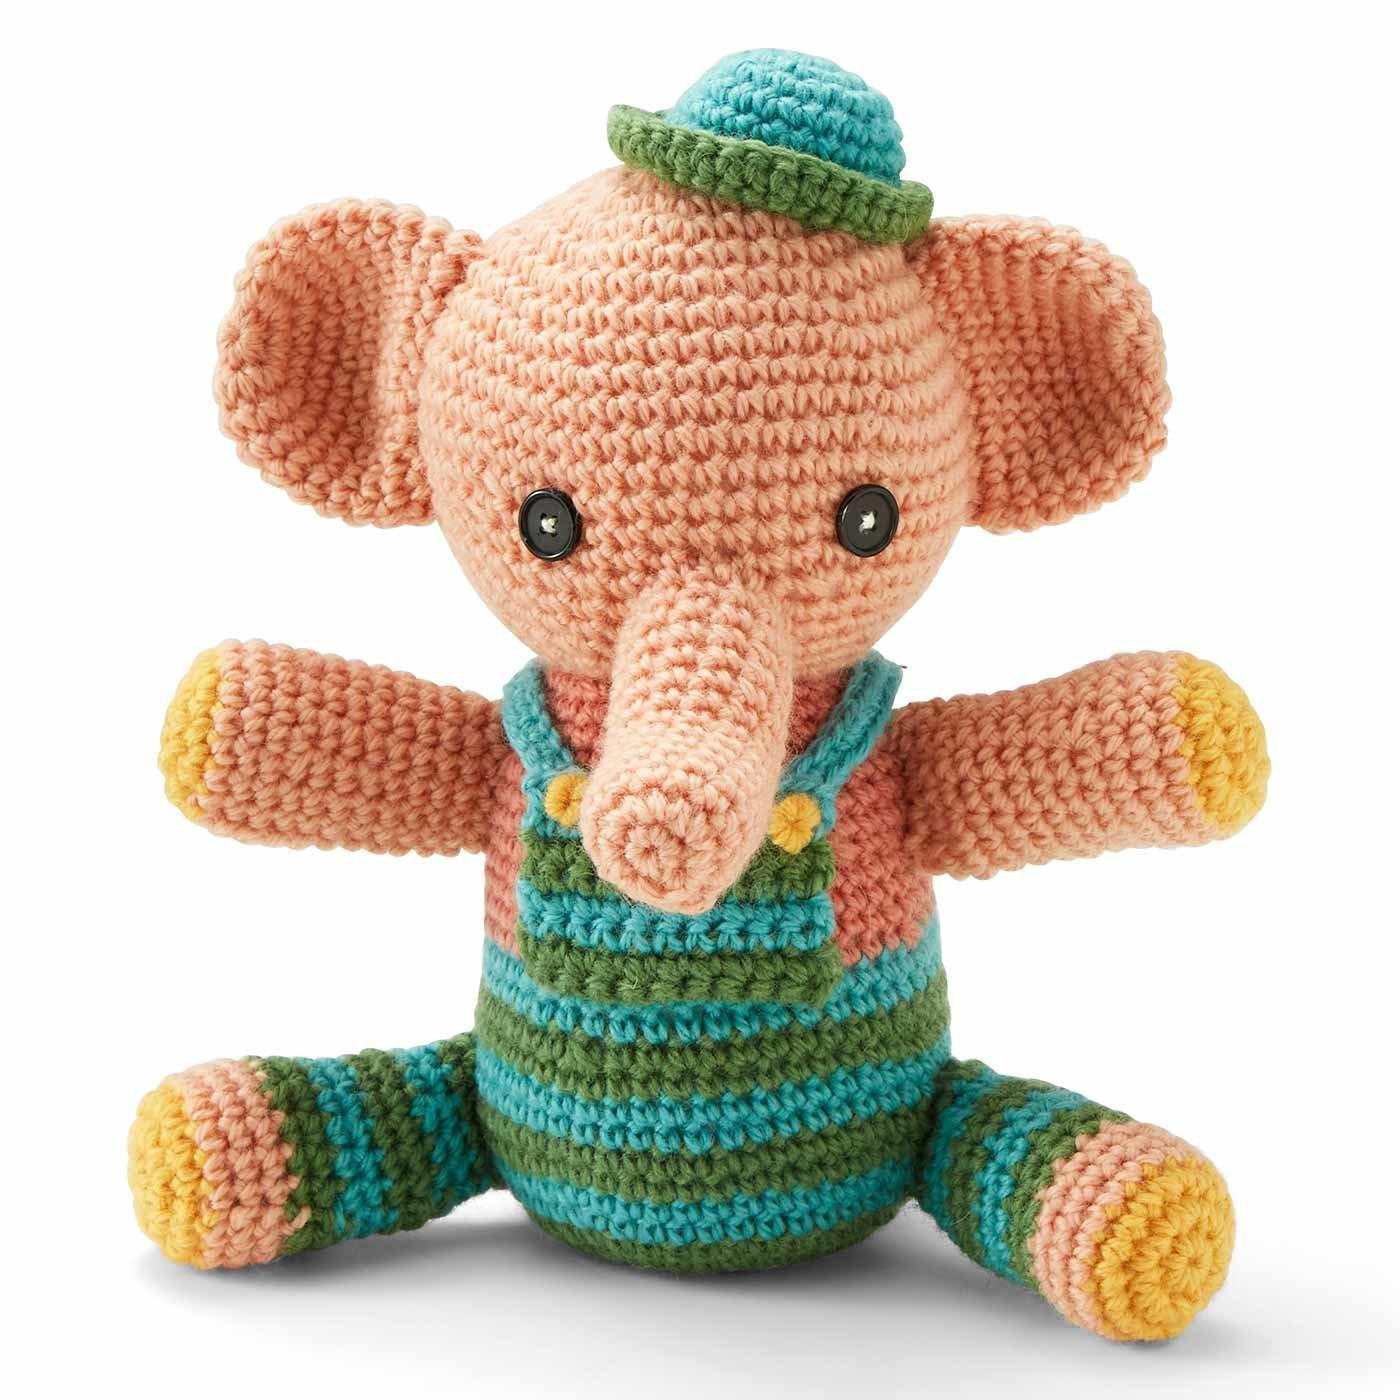 ハッピートイズ すくすくゾウさん 編みぐるみ編み図セット